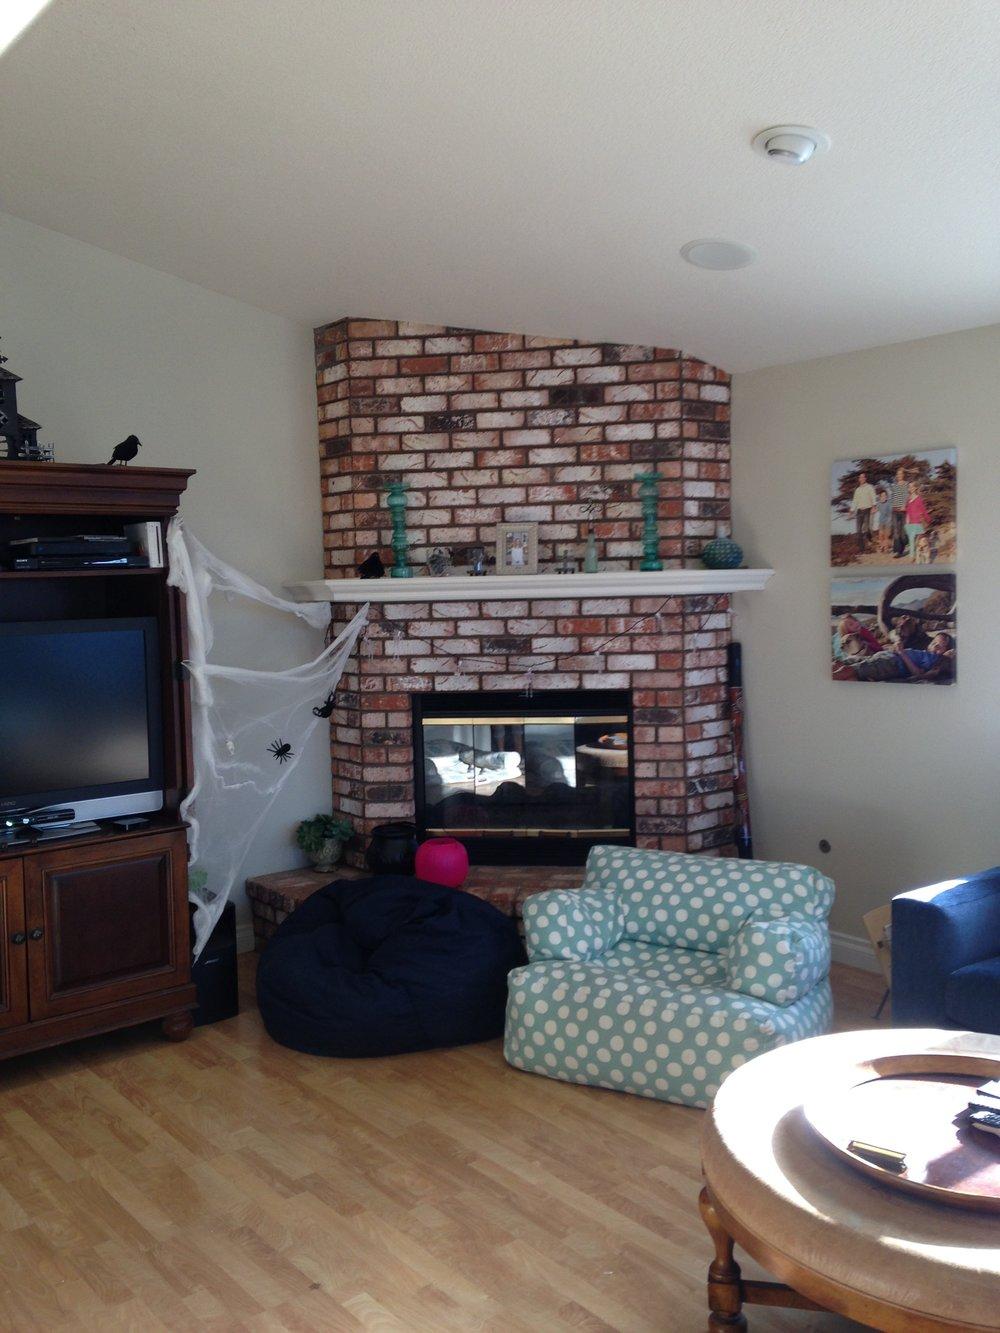 atascadero dream fireplace u2014 quinn home